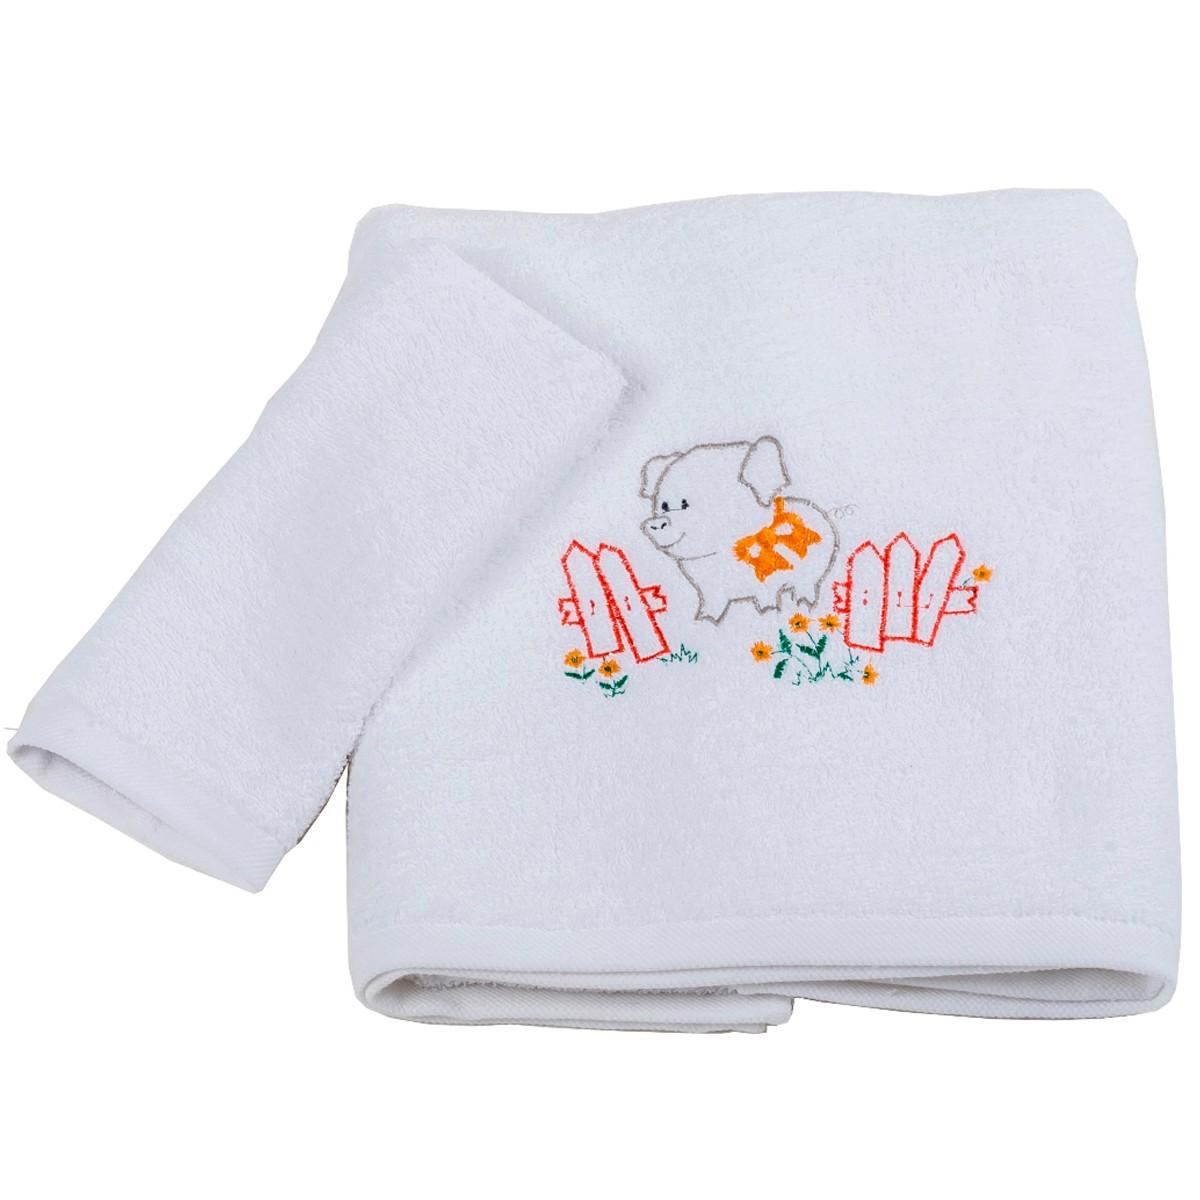 Βρεφικές Πετσέτες (Σετ 2τμχ) Κόσμος Του Μωρού Pig 0502 Κόκκινο